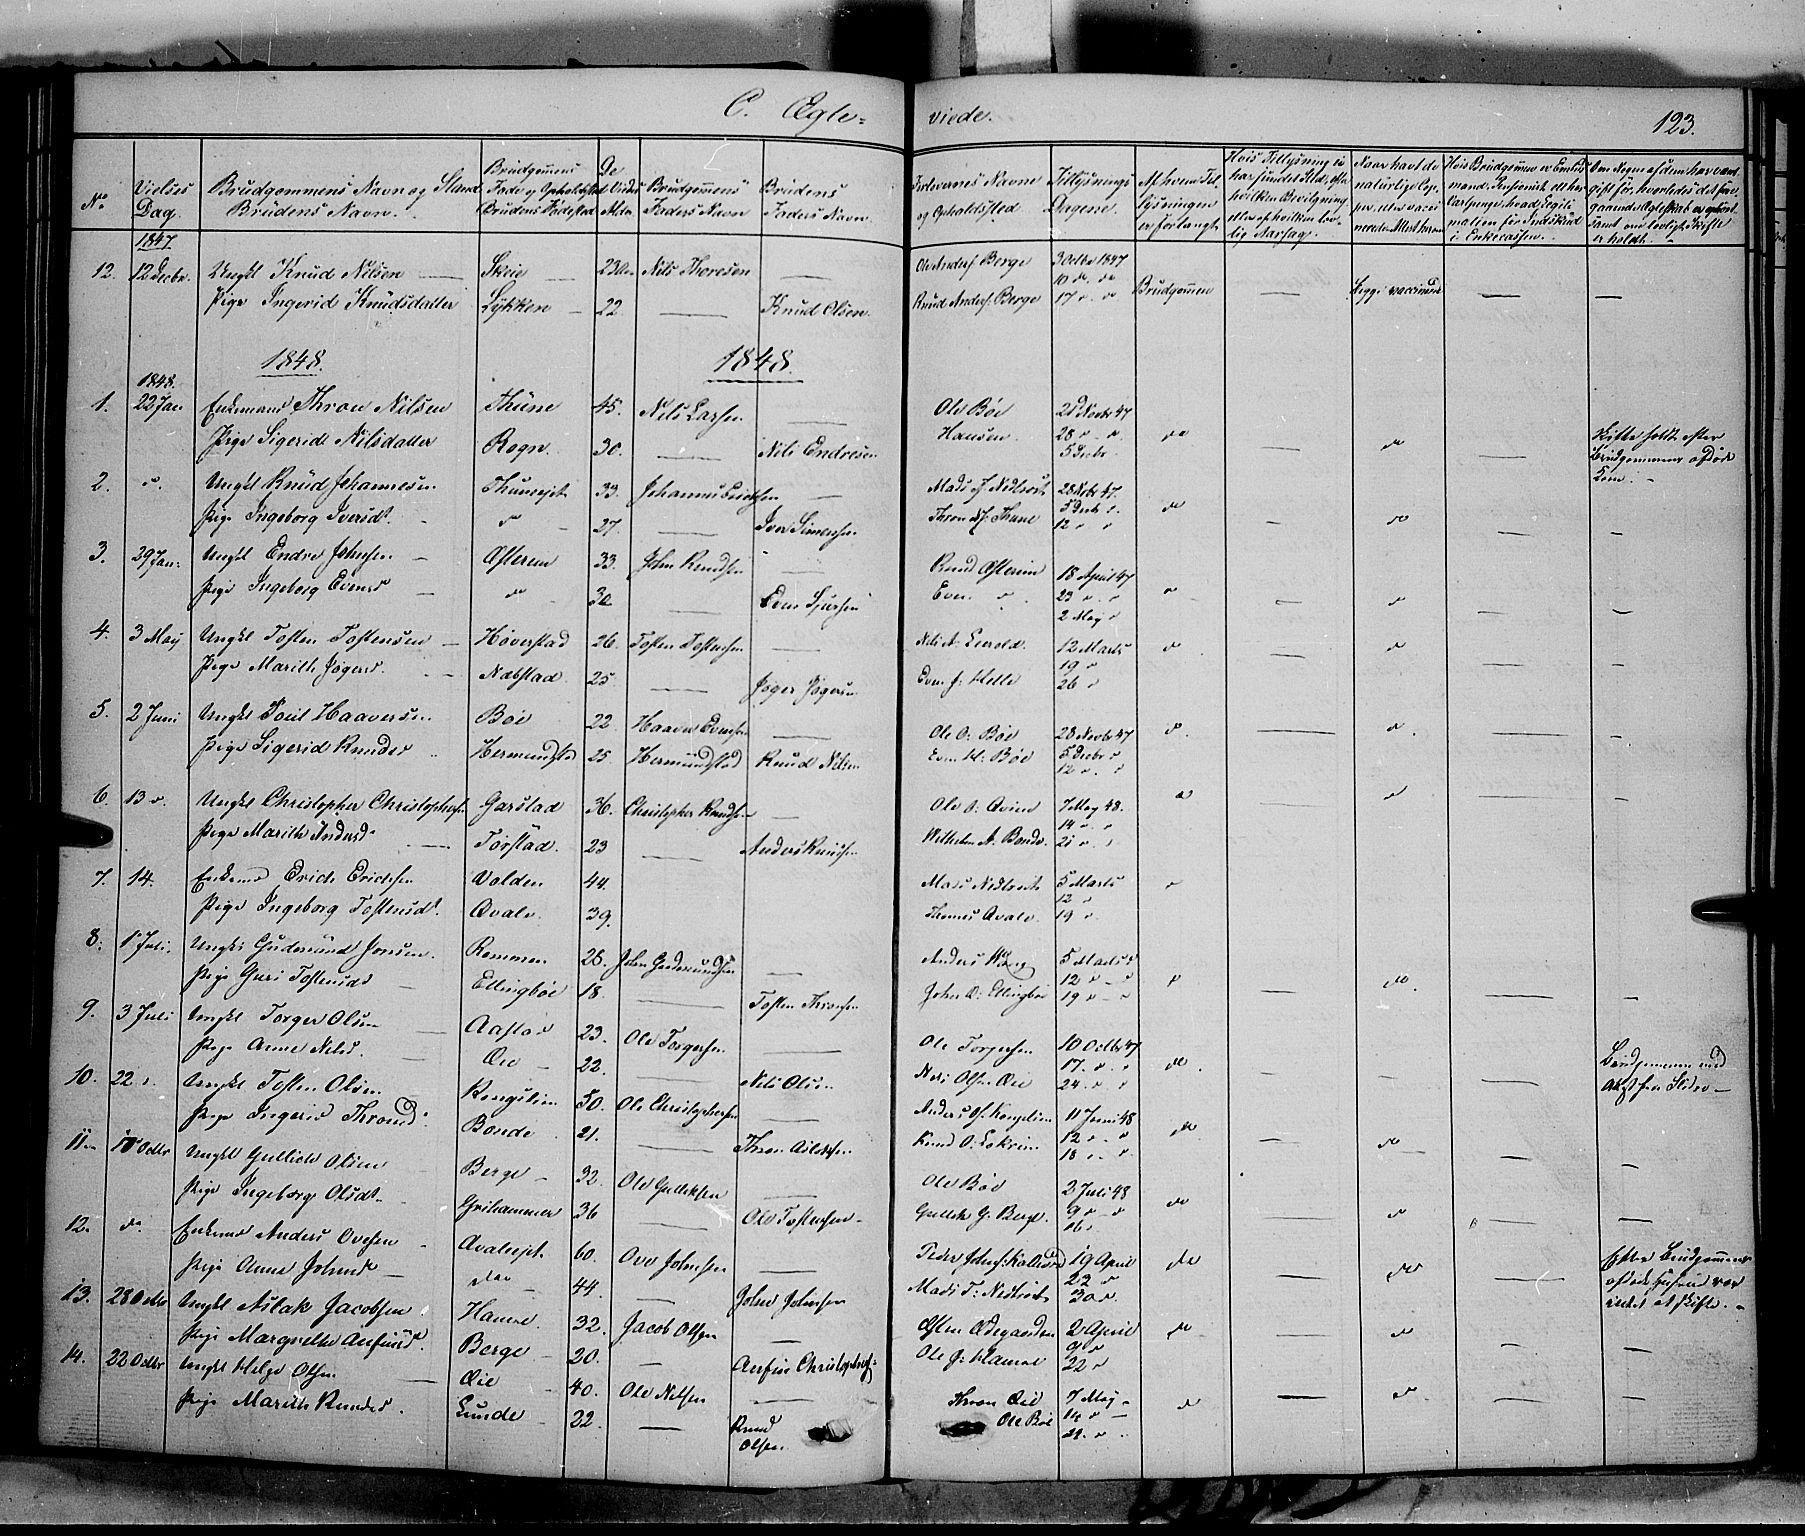 SAH, Vang prestekontor, Valdres, Ministerialbok nr. 6, 1846-1864, s. 123